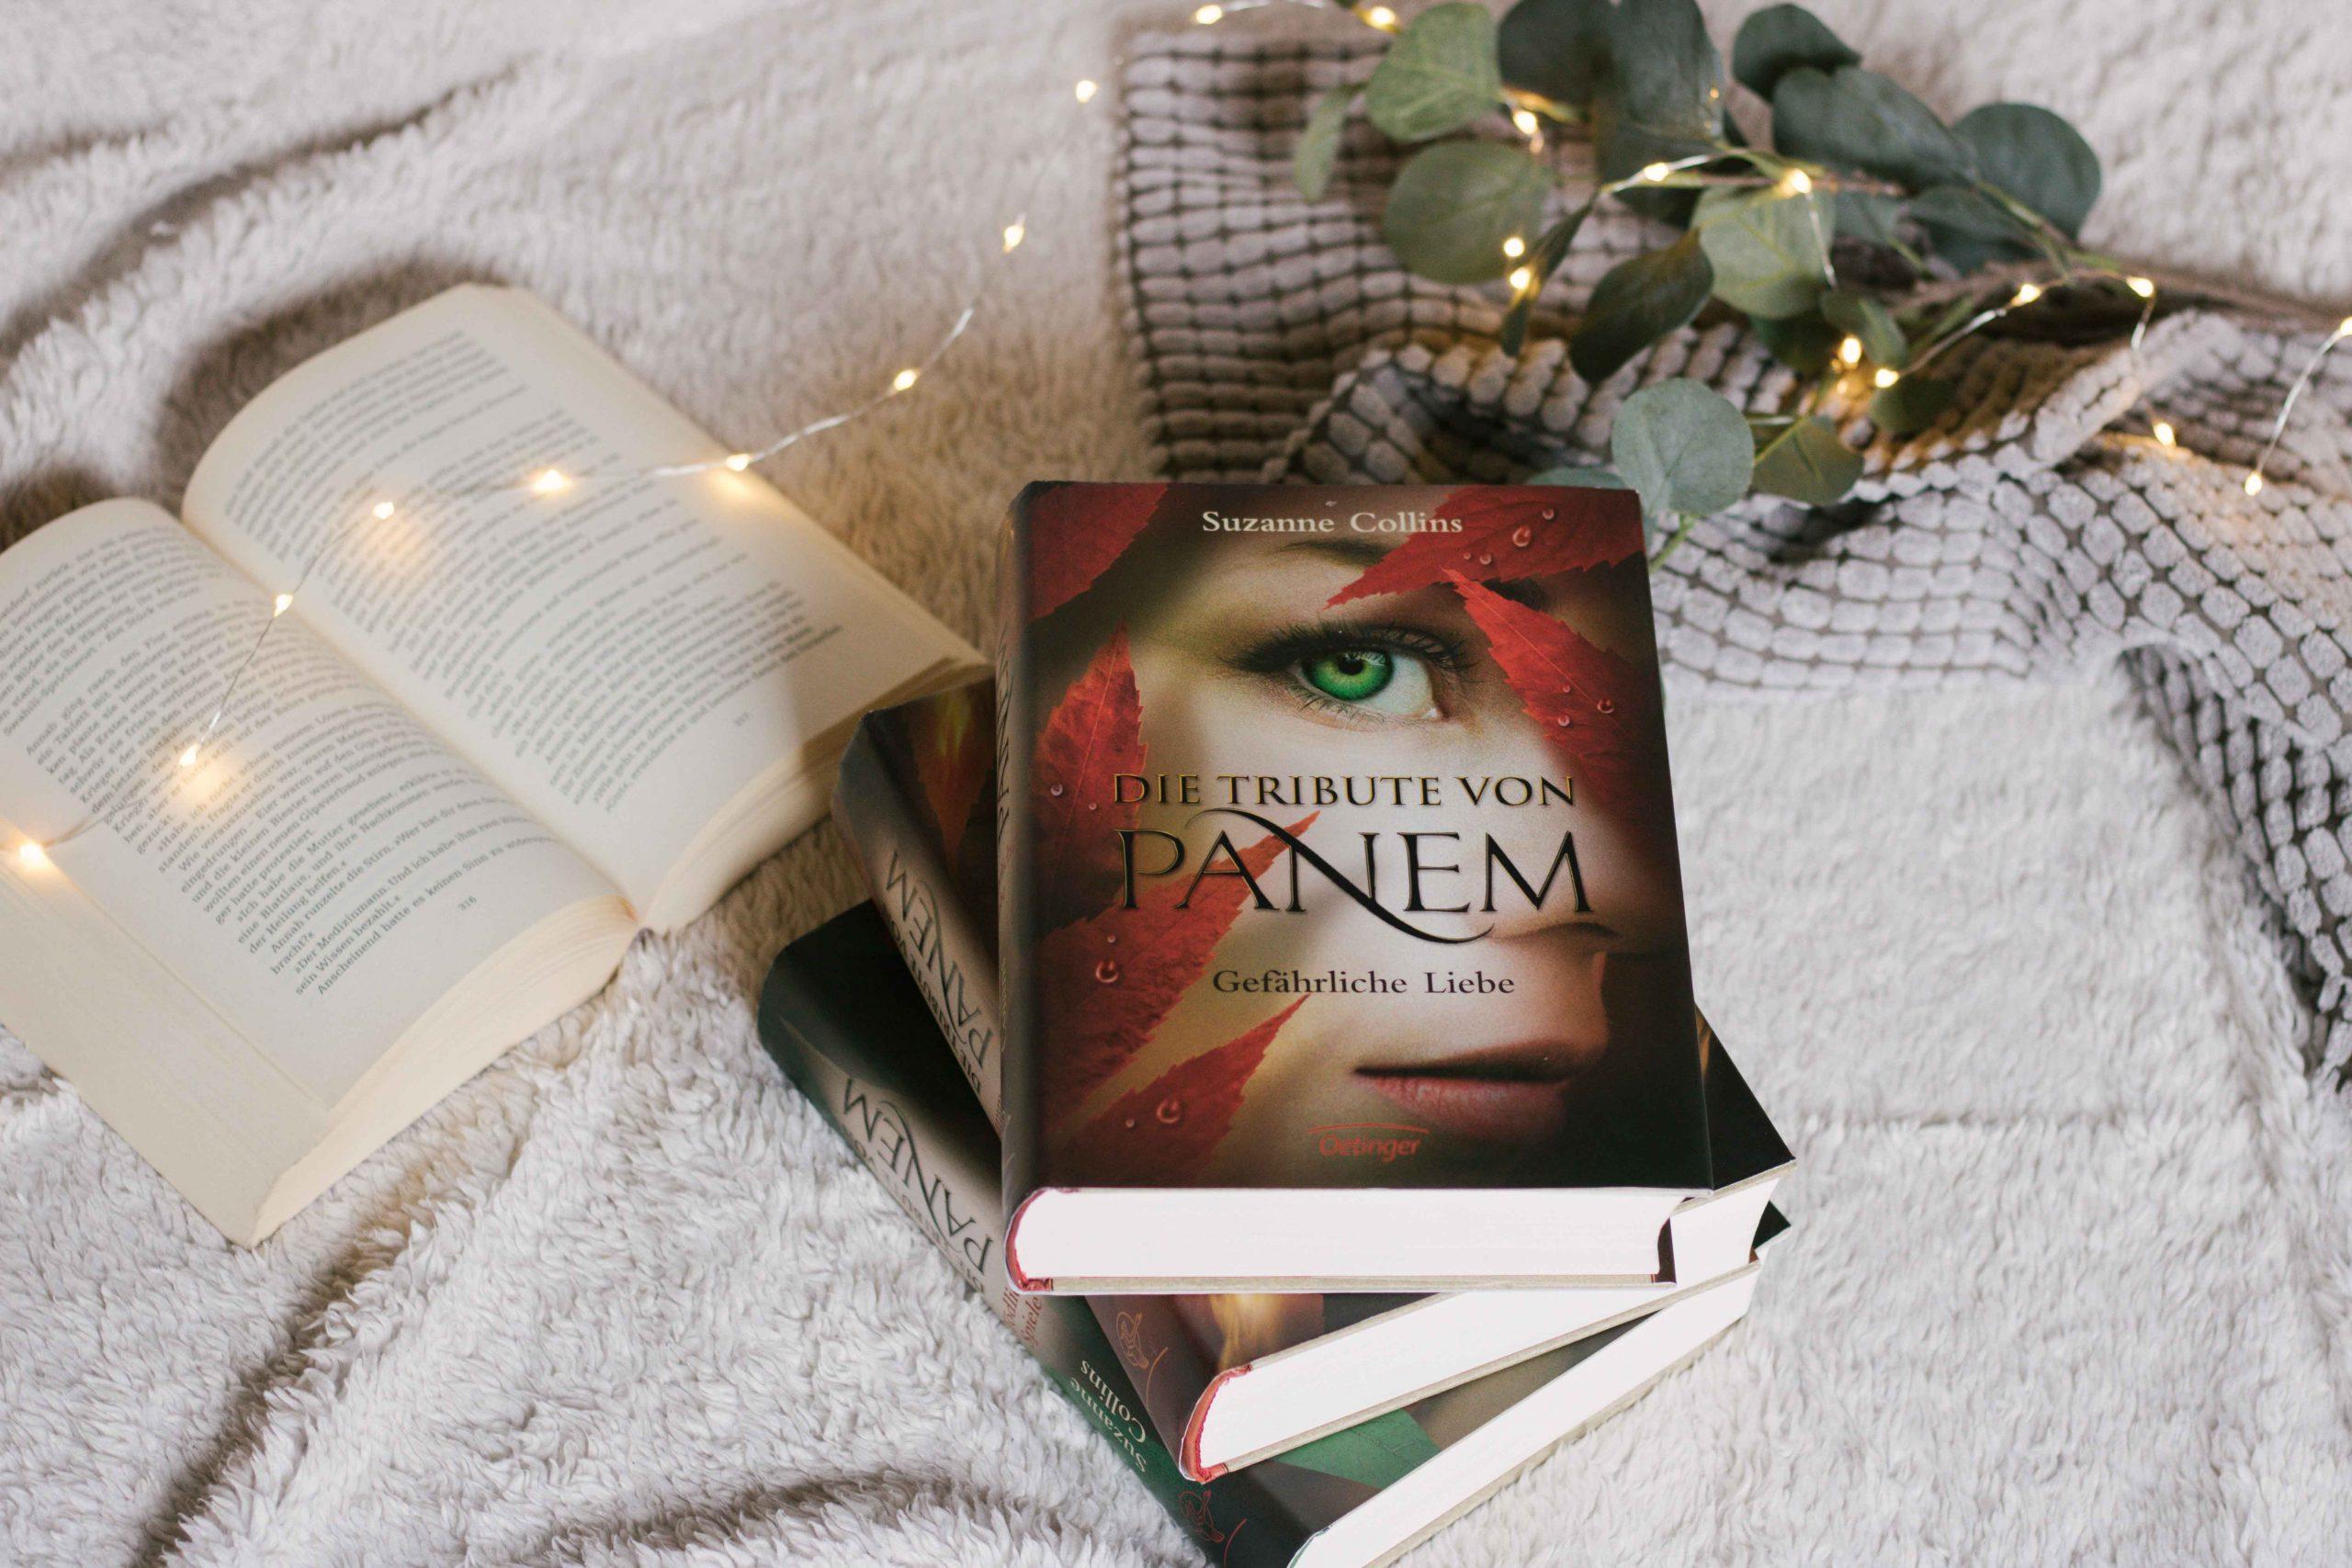 Gefährliche Liebe – Die Tribute von Panem | Suzanne Collins